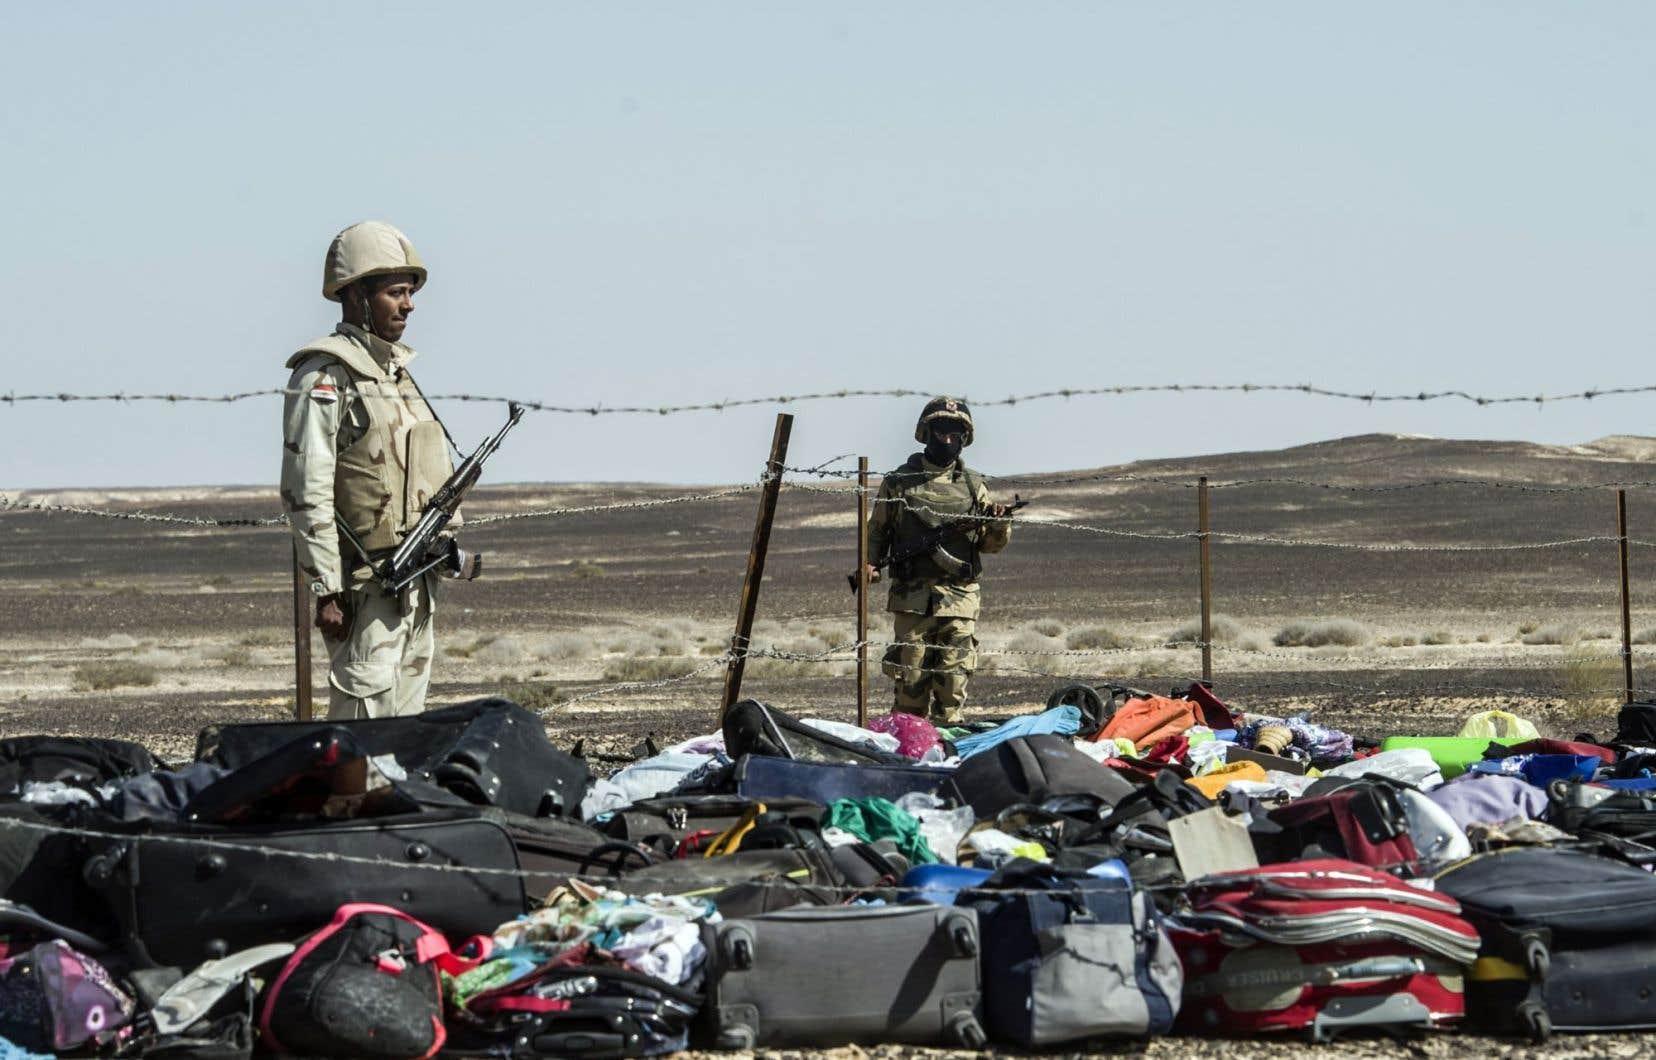 Les recherches pour trouver les corps des victimes de l'écrasement de l'Airbus A321-200 de la compagnie russe Metrojet se sont poursuivies dimanche et leurs bagages ont été réunis sur les lieux.